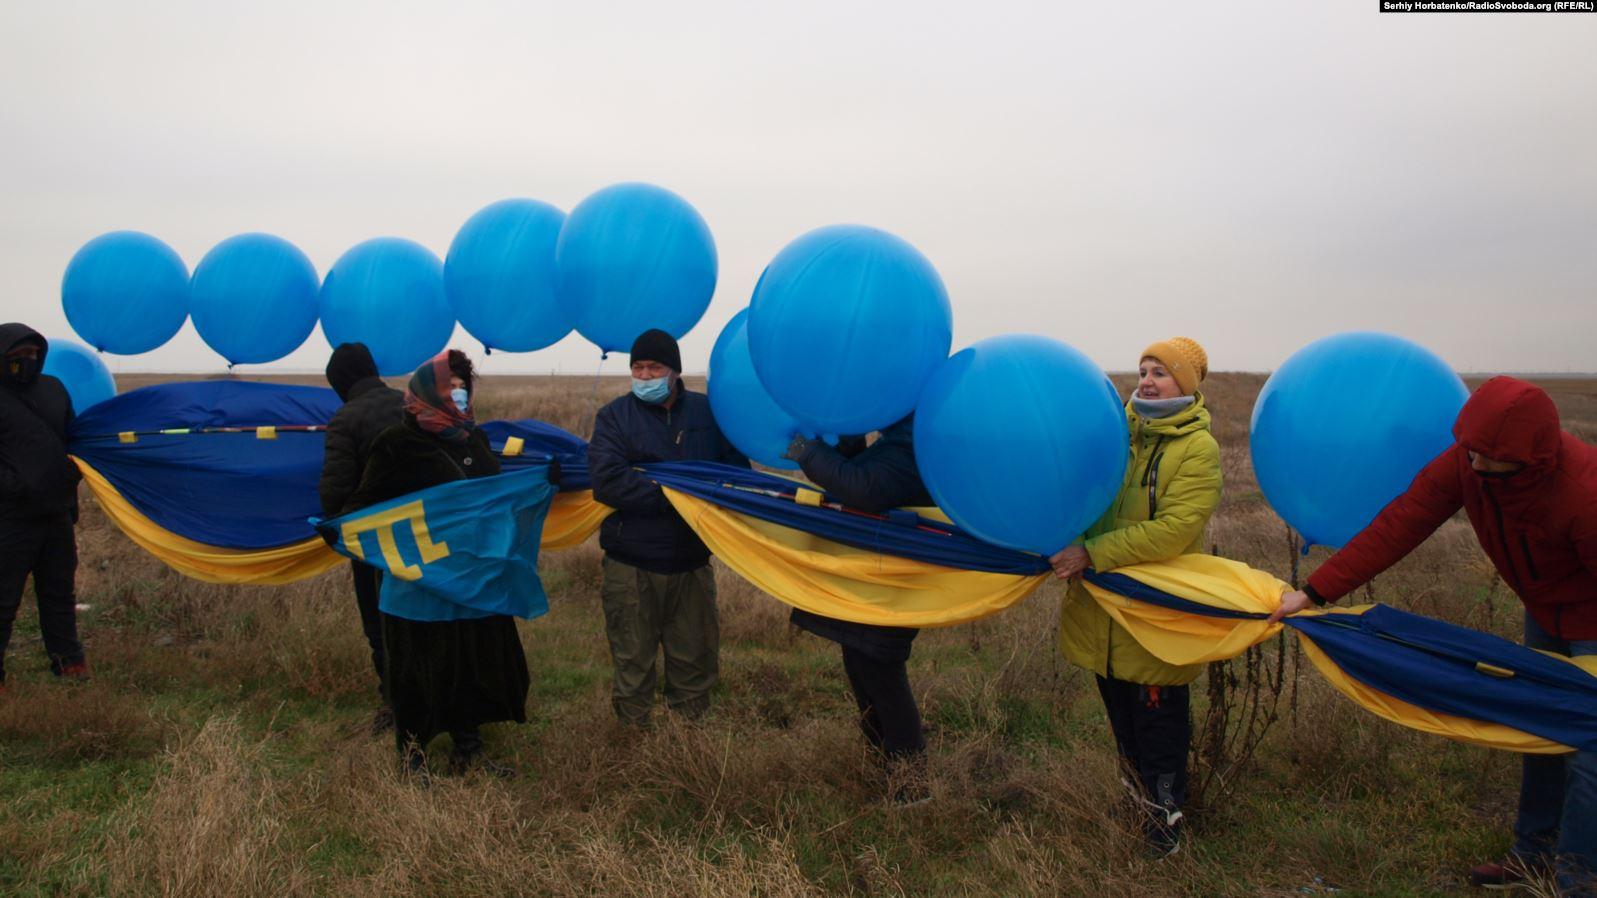 Над Крымом запустили 20-метровый флаг Украины